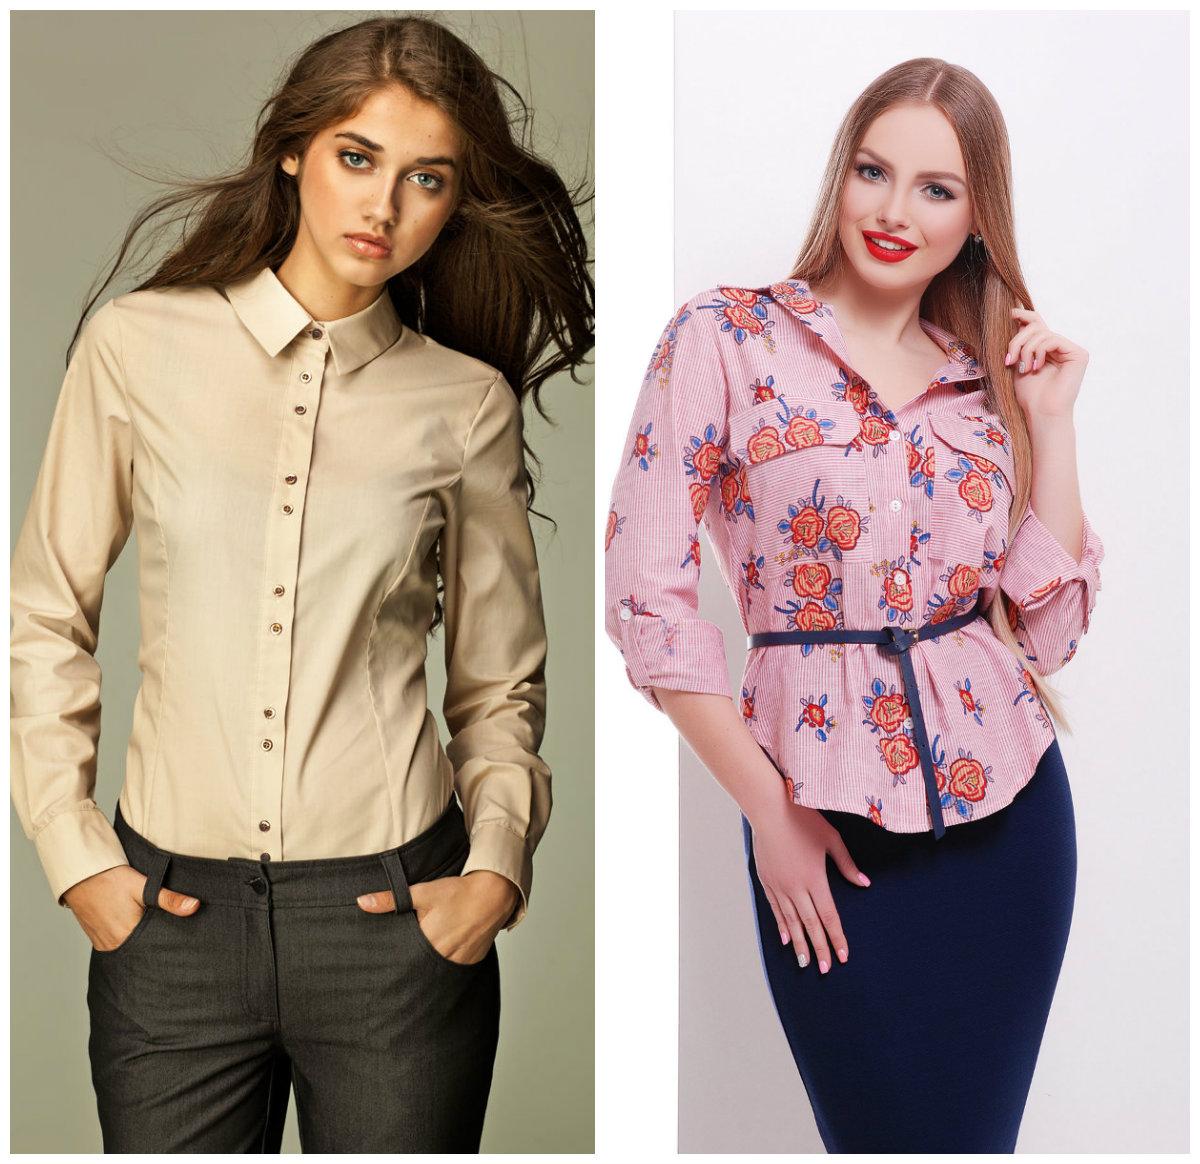 Женские-блузки-2019-сорочки-Фото-Модные блузки 2019-Женские блузки 2019